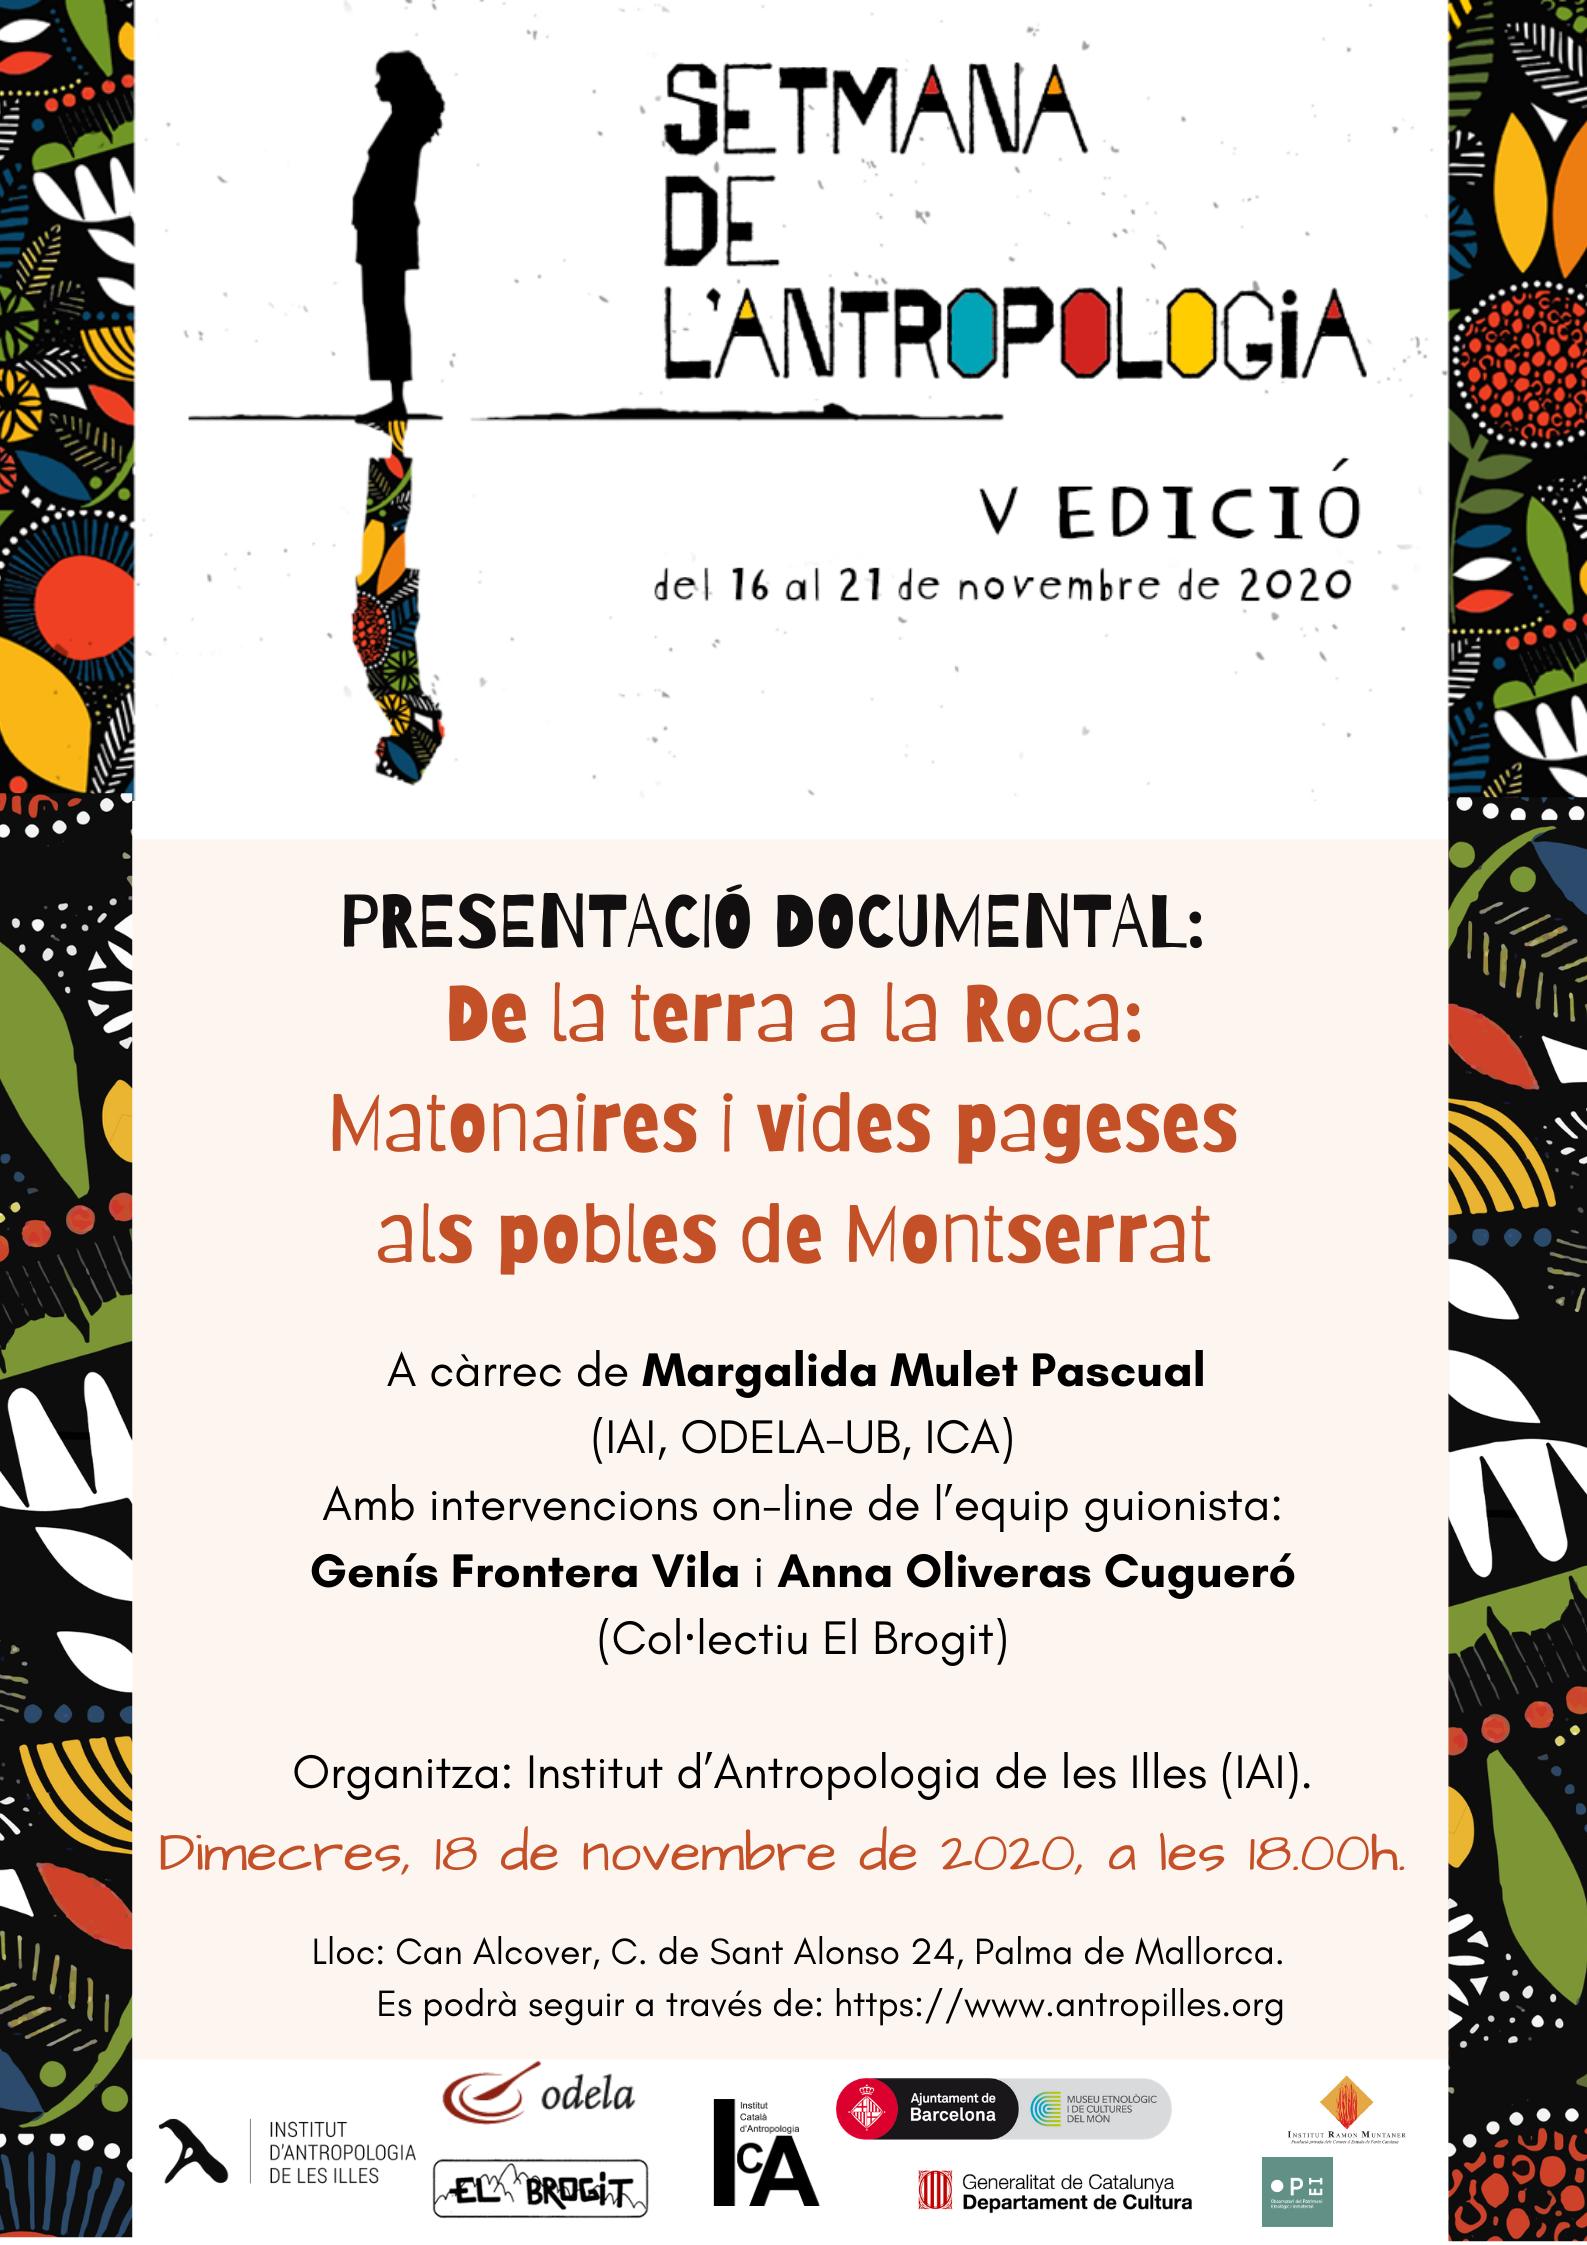 """PRESENTACIÓ DOCUMENTAL: De la terra a la Roca: Matonaires i vides pageses als pobles de Montserrat"""" a la Setmana de l'Antropologia de l'ICA"""